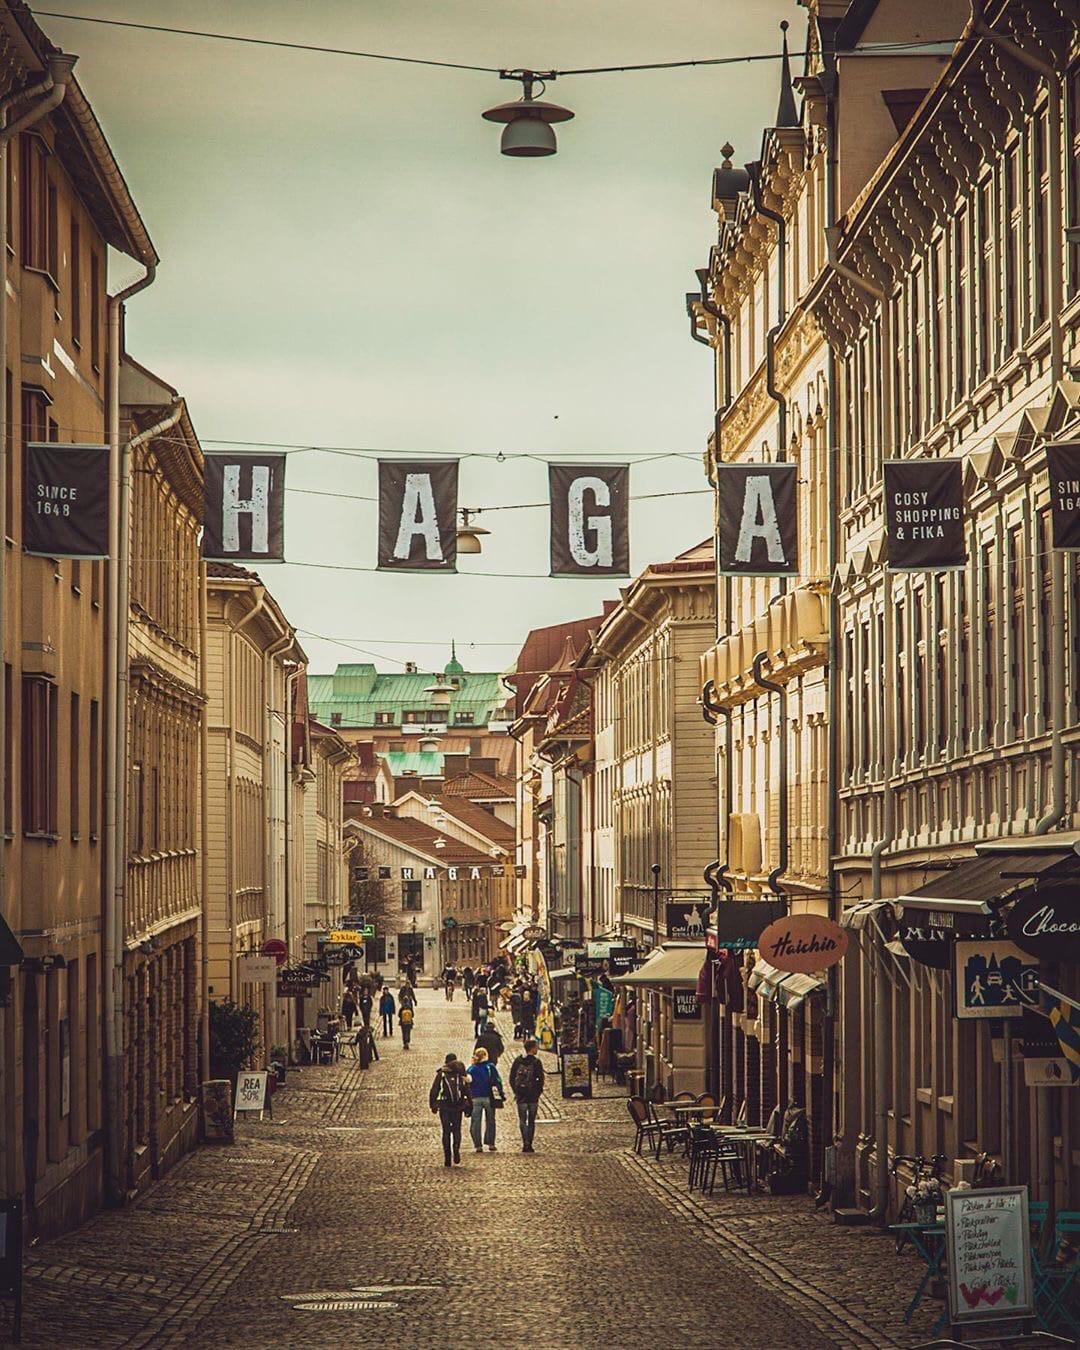 Это Хага — один из самых популярных районов для прогулок и шопинга. Обычно здесь яблоку негде упасть, сейчас многие кафе и магазинчики закрылись или изменили часы работы